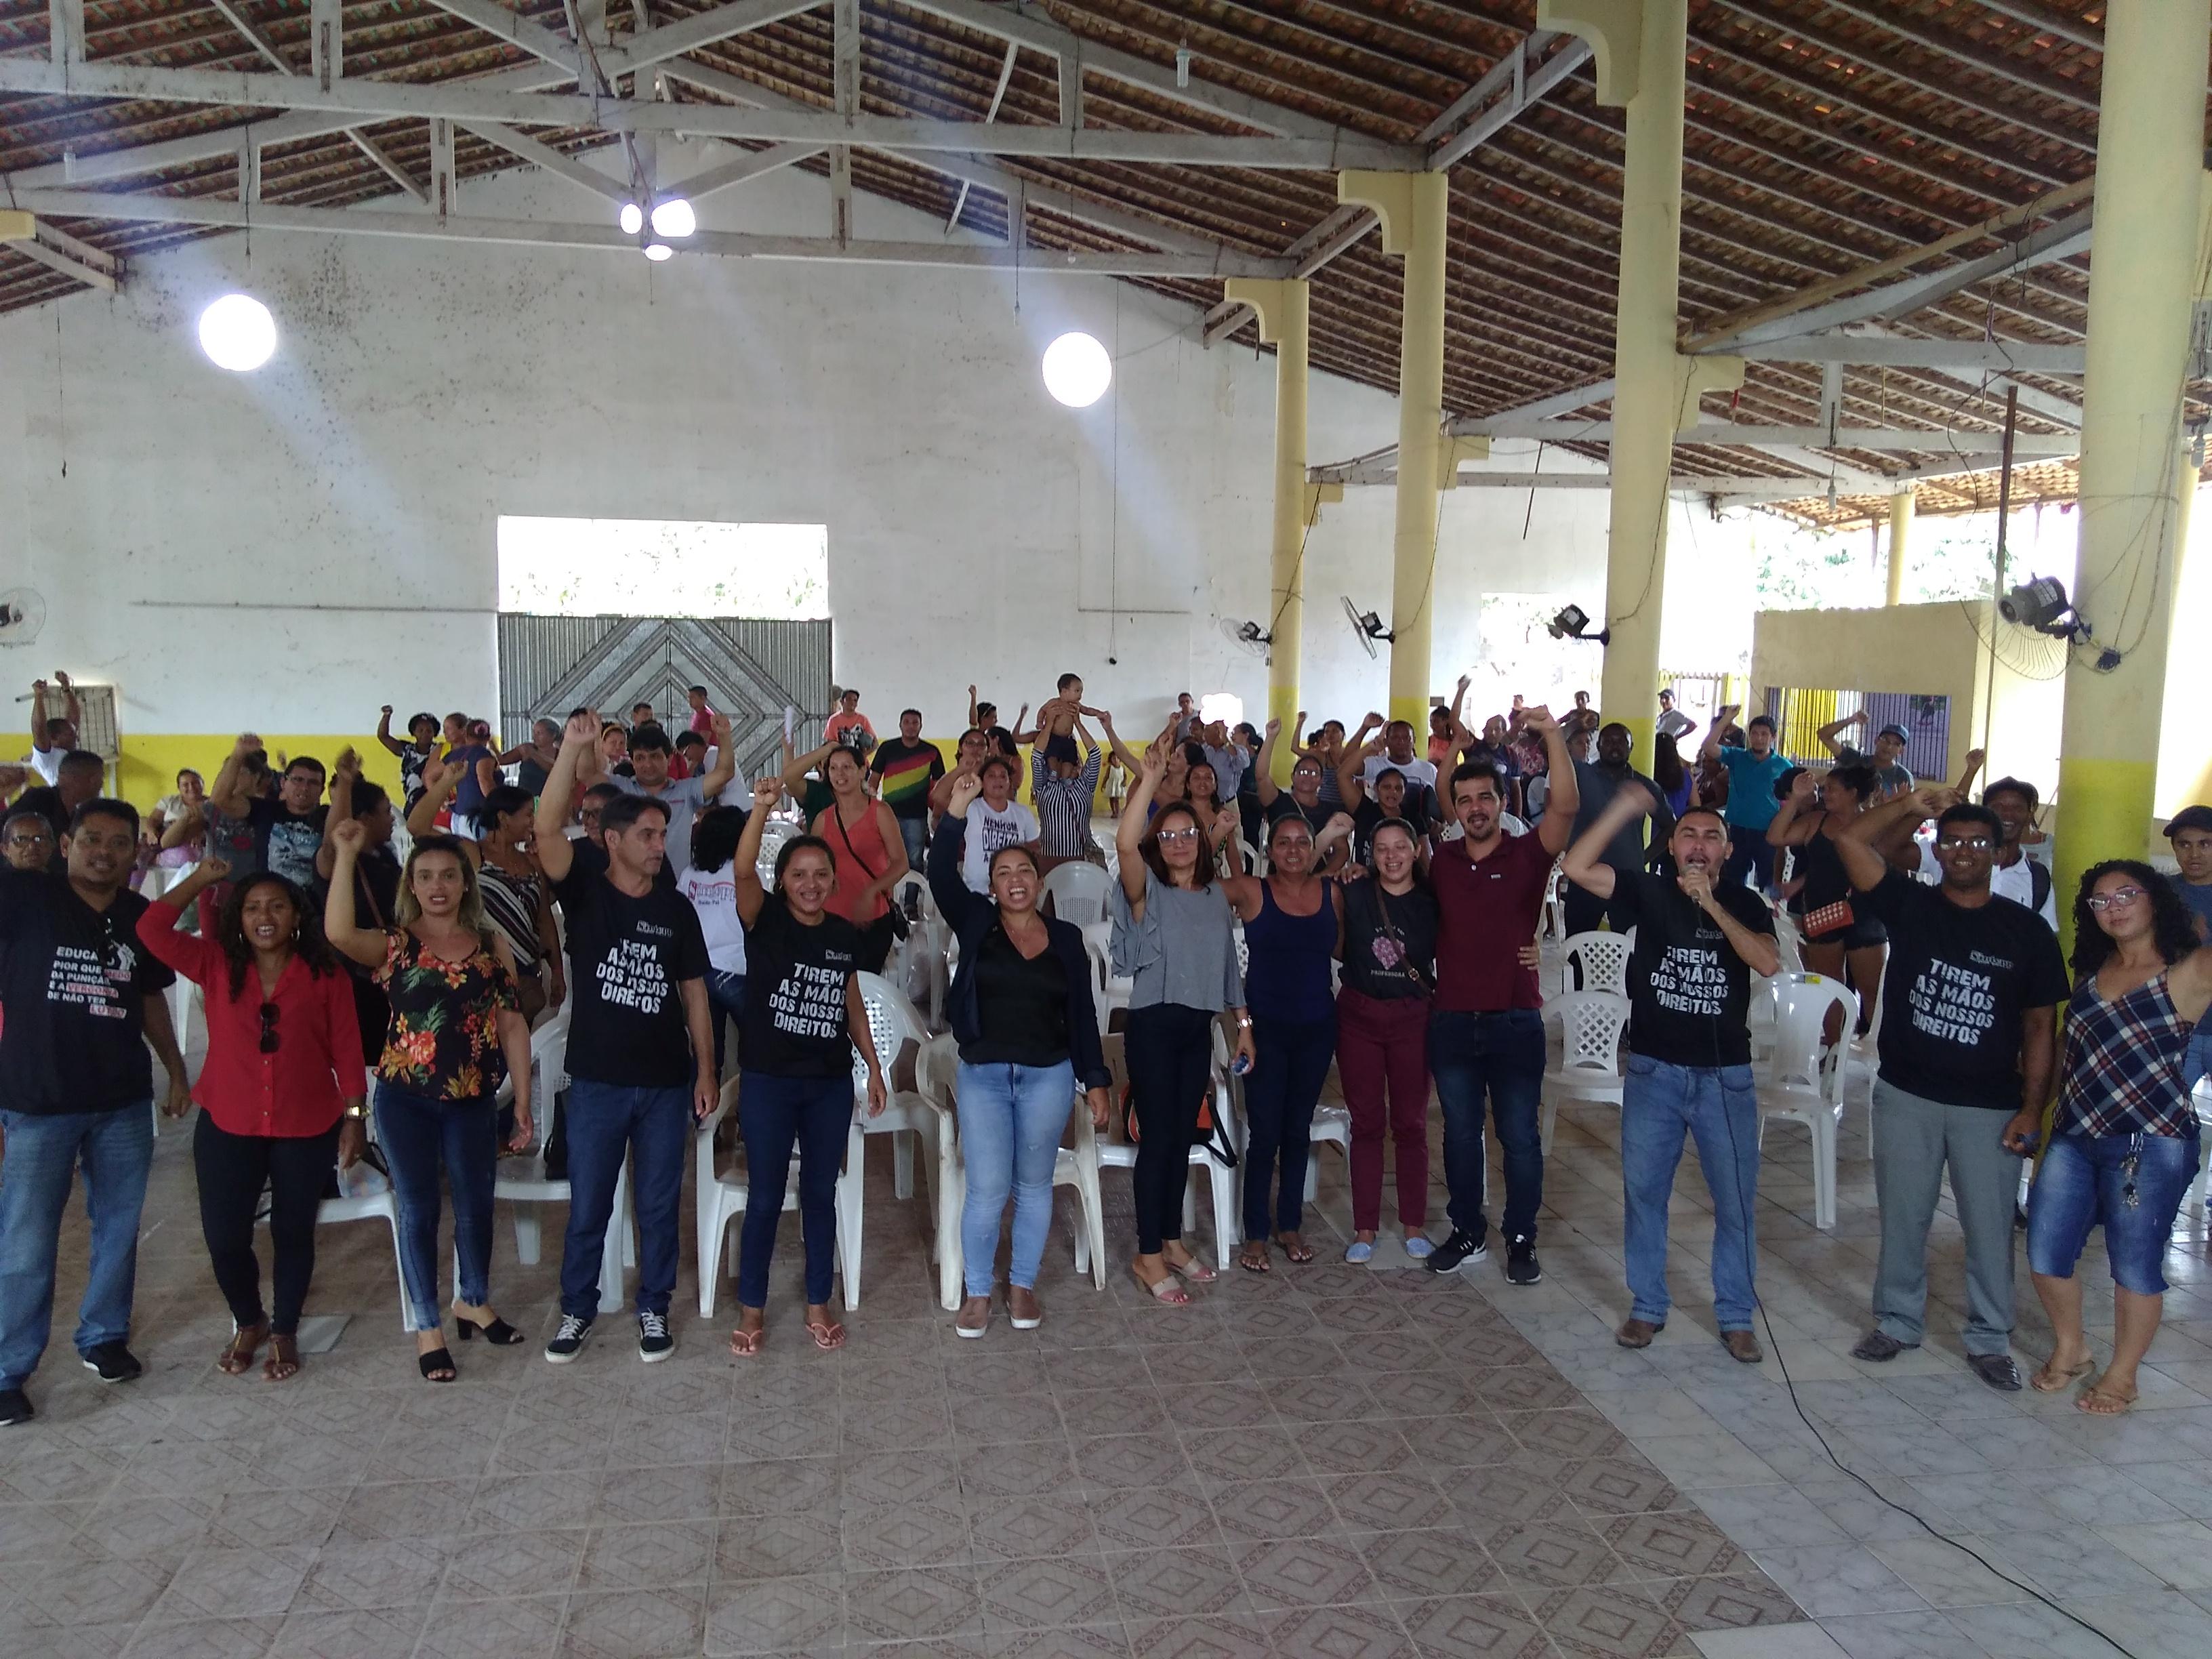 Fortalecida, categoria de Baião aprova continuidade da greve